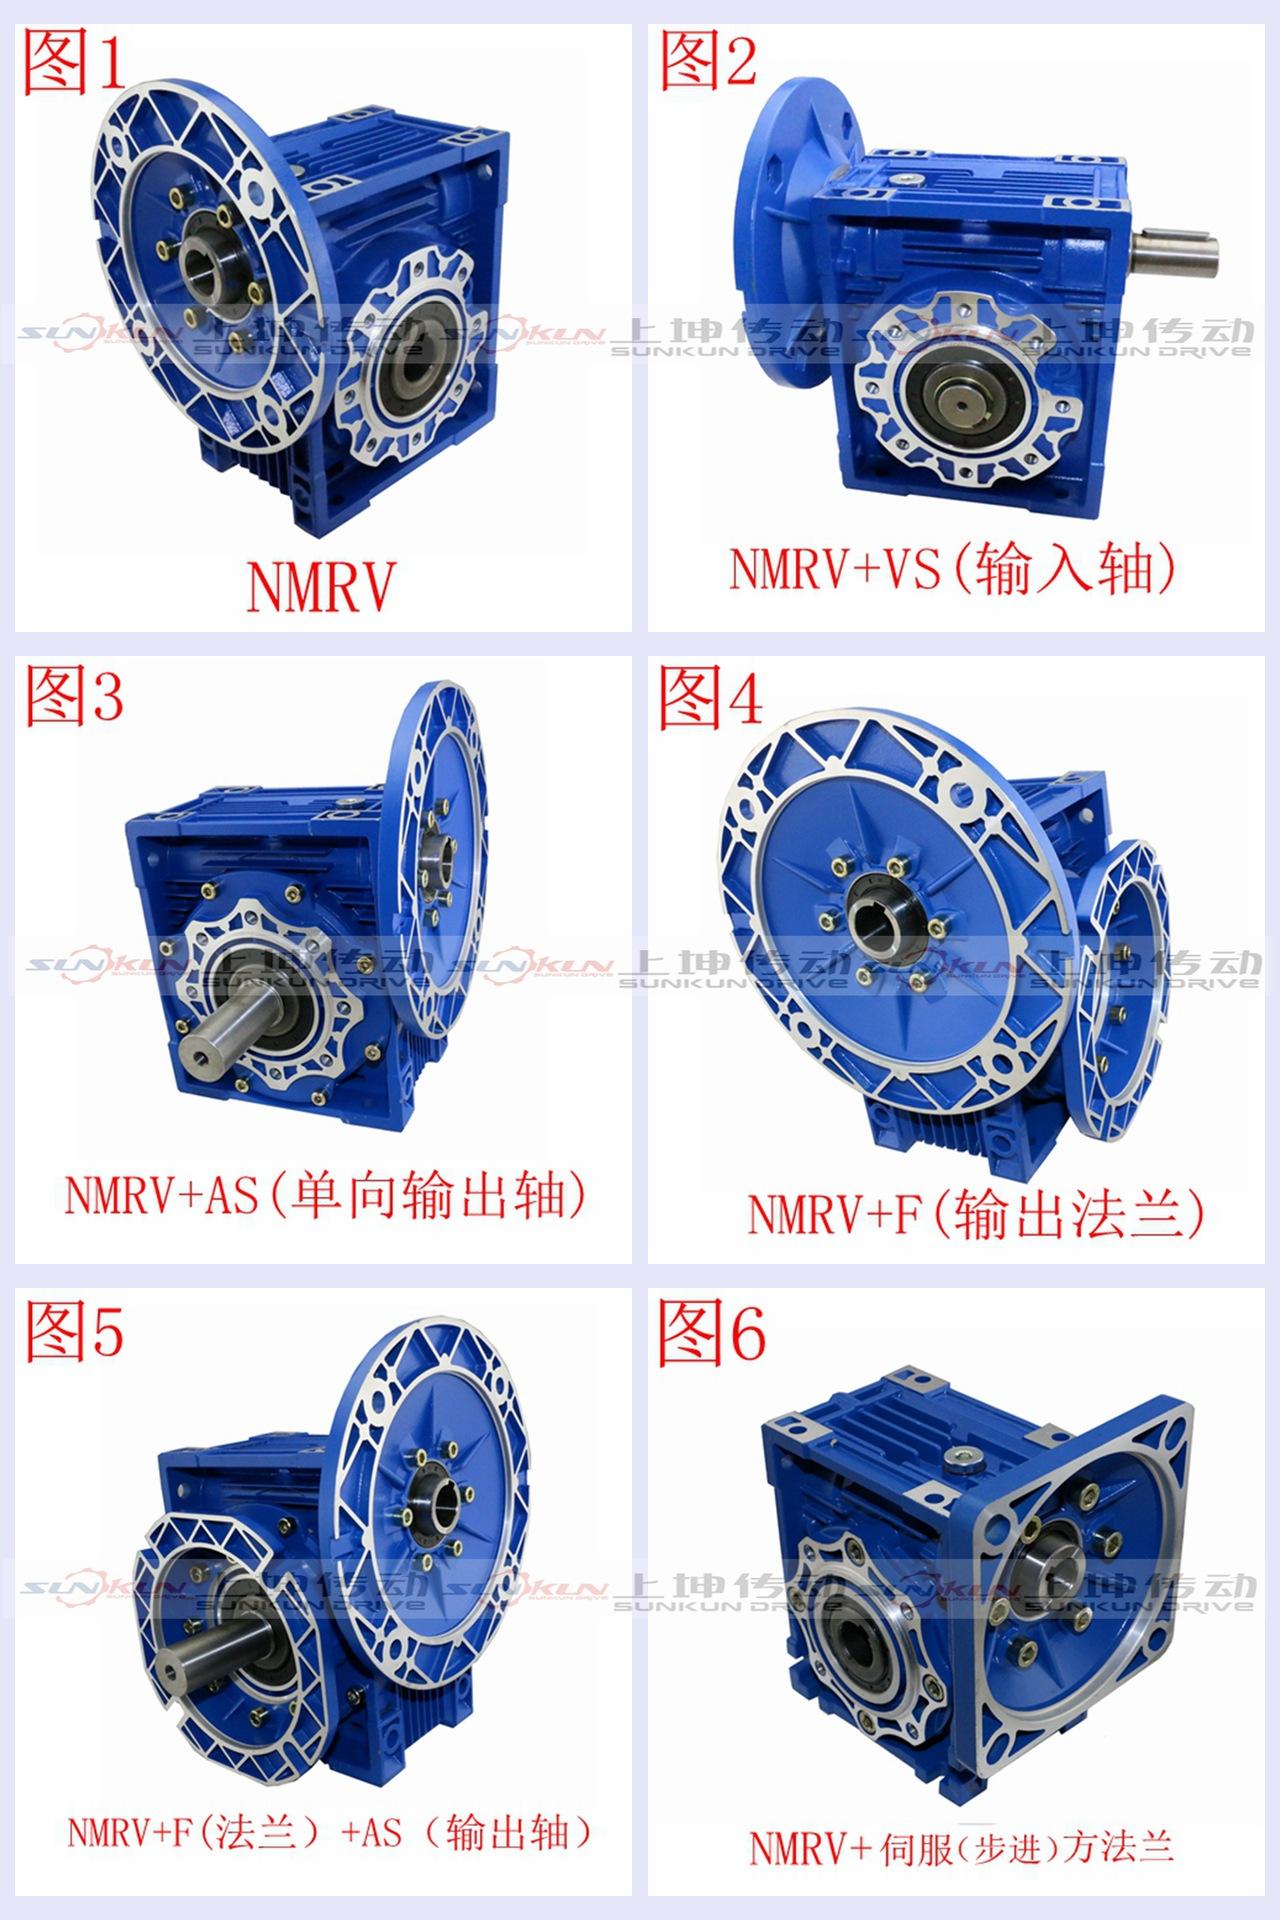 厂家批发 减速机 NMRV25-150输出法兰配电机0.12-15KW速比5-100示例图4